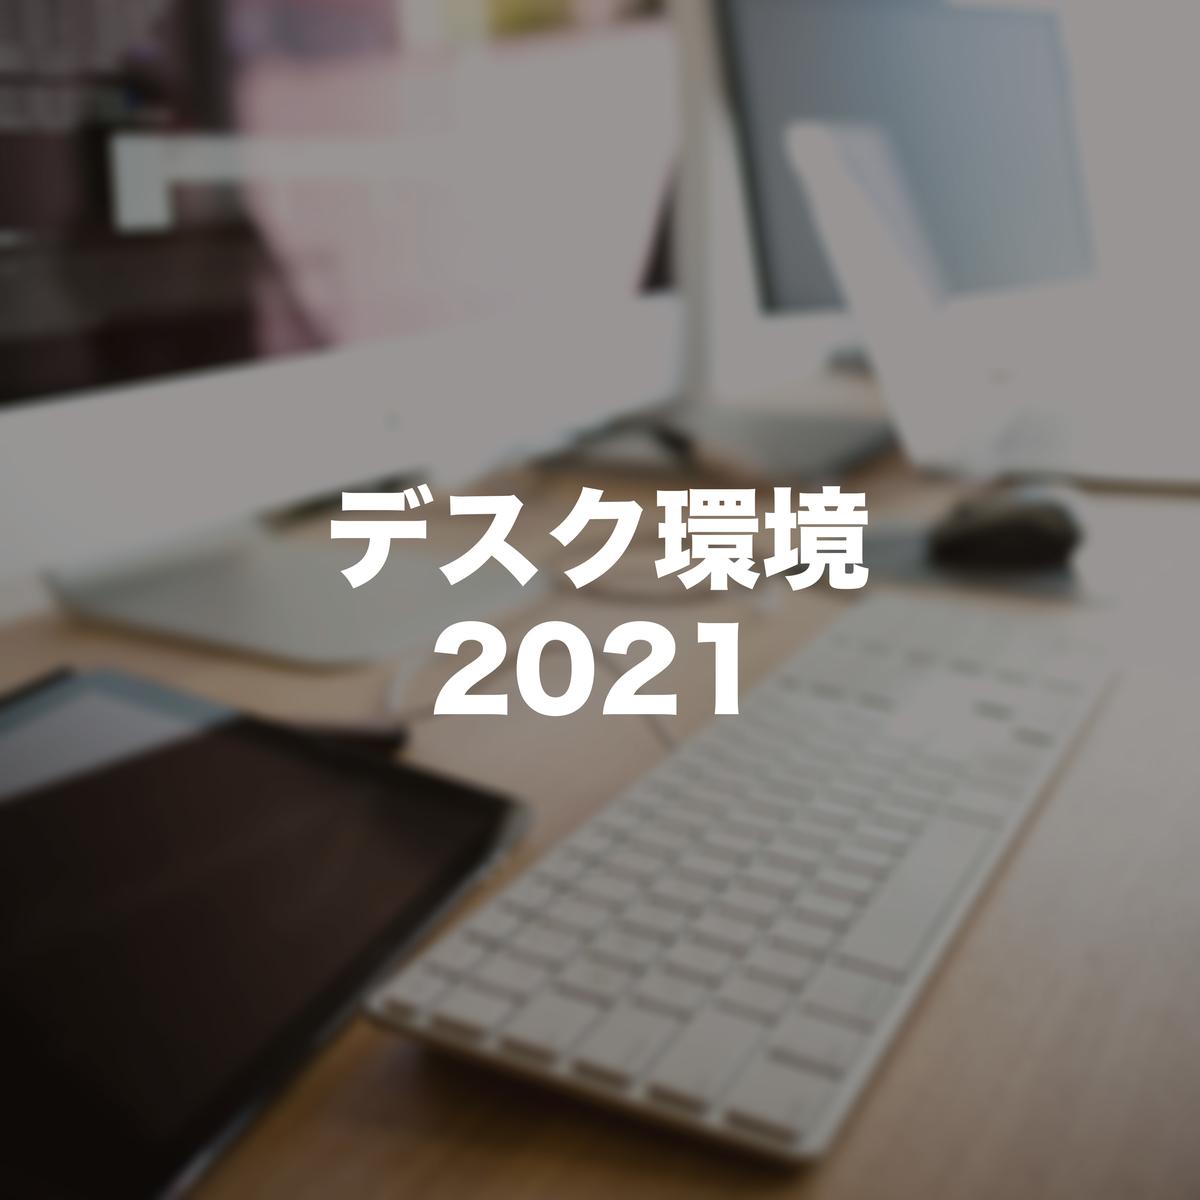 f:id:tidus_tabilog:20210810103037j:plain